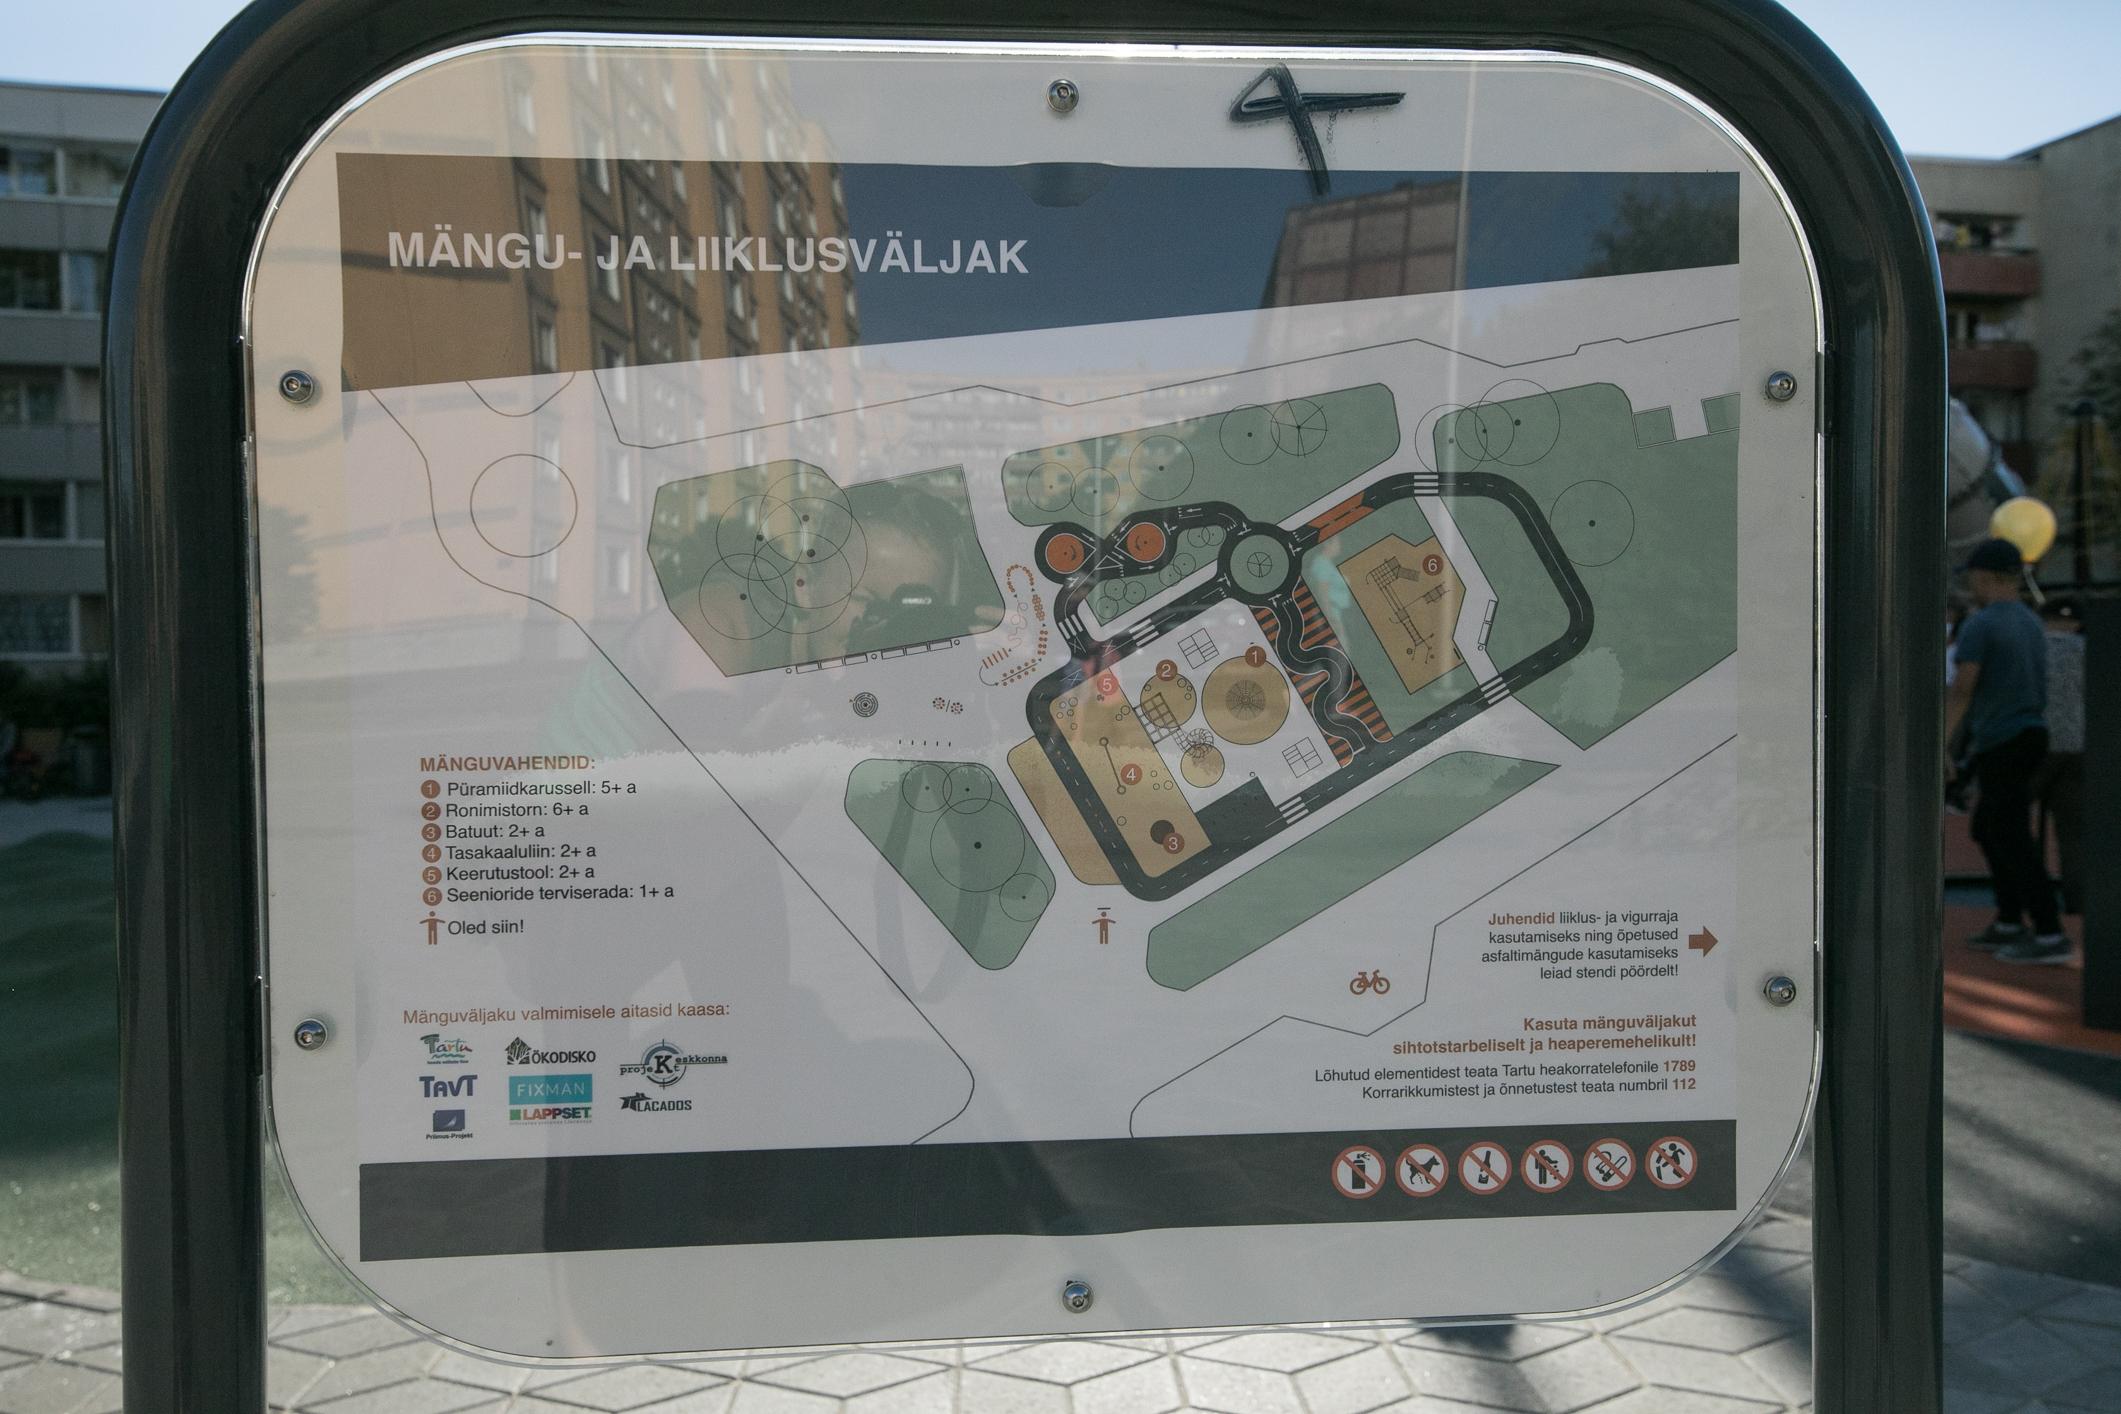 Annelinna mänguväljaku plakatite kujundus 2020